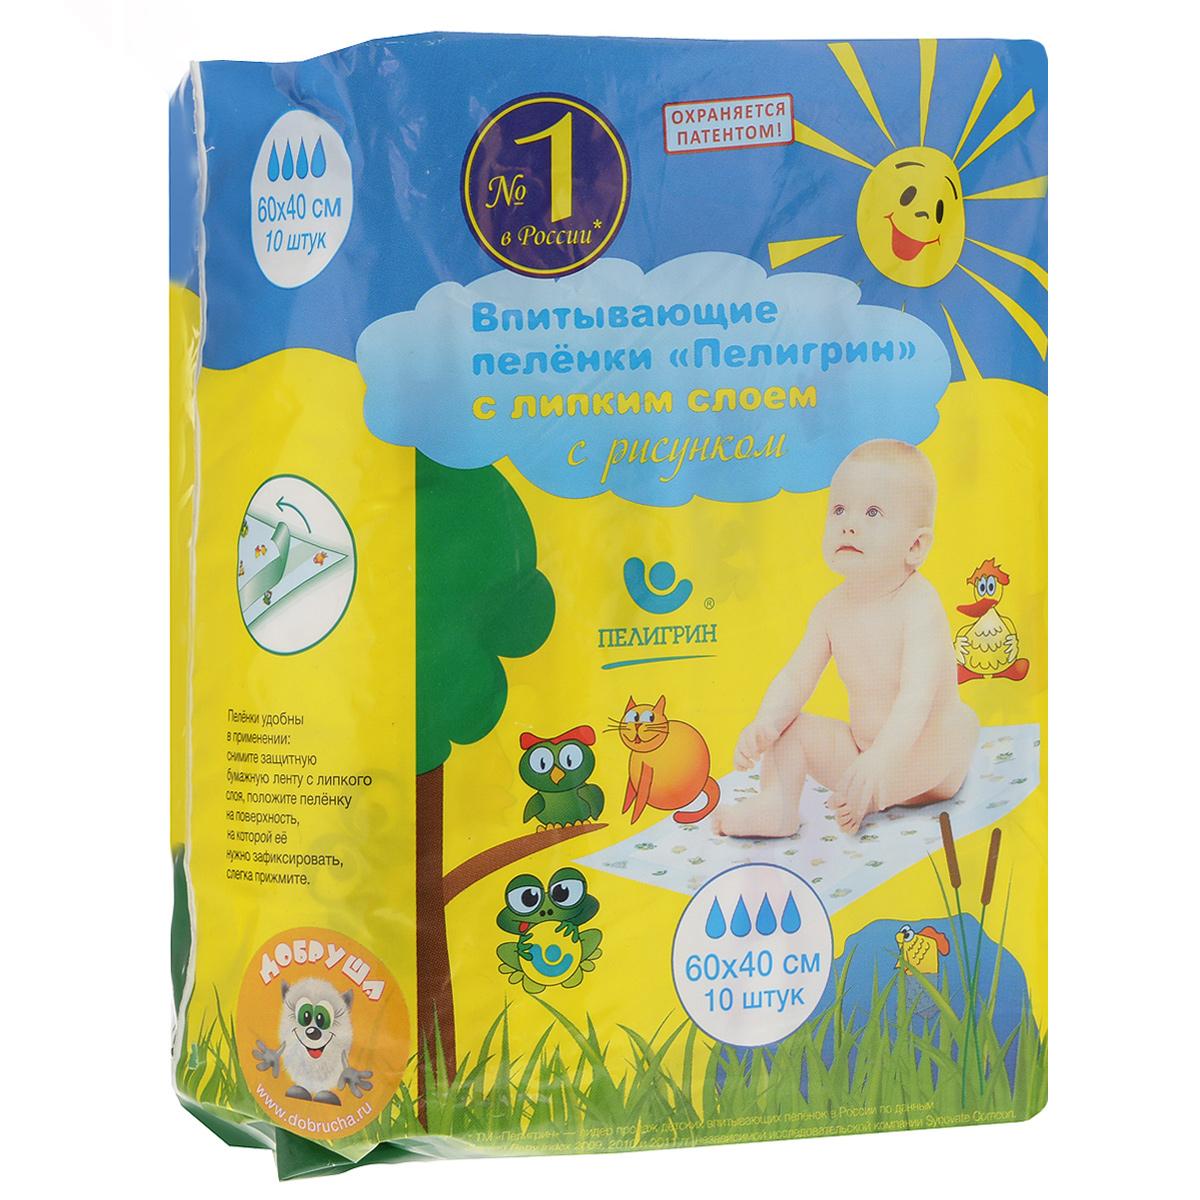 Пелигрин Пеленки впитывающие, с липким фиксирующим слоем, с рисунком, 60 см х 40 см, 10 штЛД40Впитывающие пеленки Пелигрин повышенной комфортности удобное средство для ухода за детьми, включая новорожденных. Пеленки используются как надежная защита кроваток, колясок и пеленальных столиков, а также они понадобятся на приеме у врача, во время игр малыша в манеже и при принятии воздушных ванн. Нетканый материал, пропуская влагу, всегда оставляет поверхность сухой; впитывающий слой надежно удерживает влагу и запах; полиэтиленовое основание исключает протекание жидкости. Пеленки надежно фиксируются на любой поверхности благодаря липкому слою. С пеленками Пелигрин вашему ребенку будет комфортно и на даче, и во время семейного пикника, и в путешествии. Товар сертифицирован.